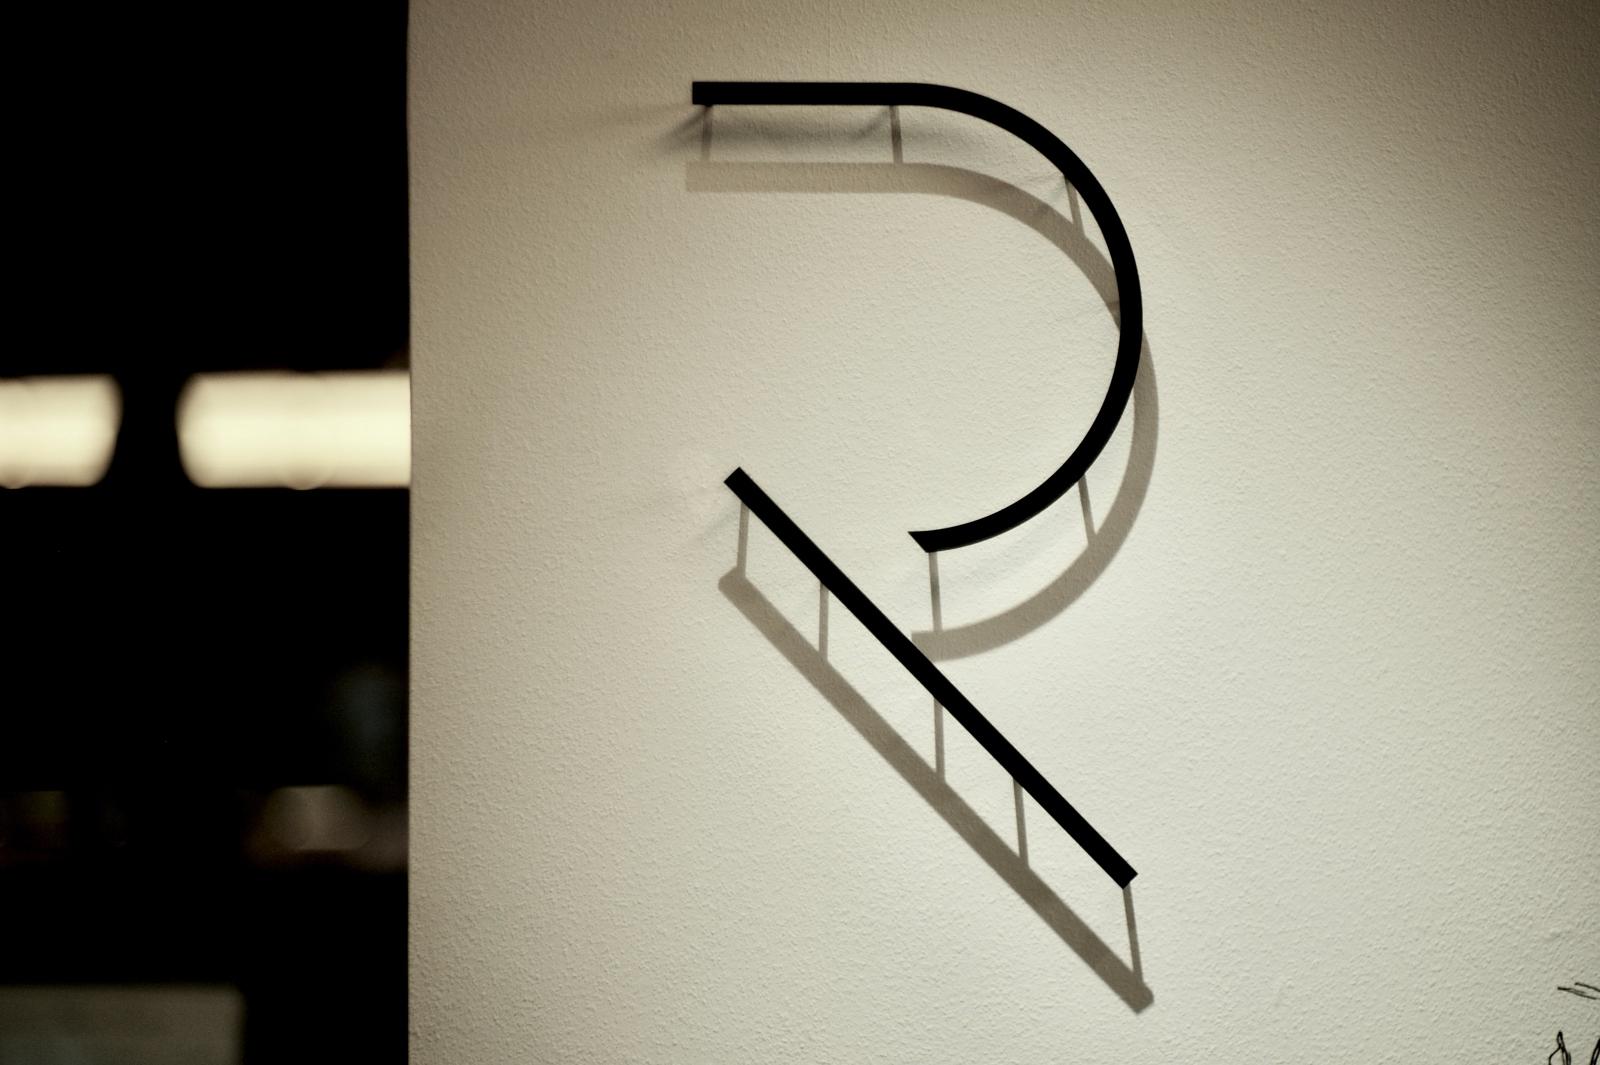 若きショコラティエール高木幸世が「RAU」で惹きつける「ここにしかない」を表現する、新しいパティスリーの形